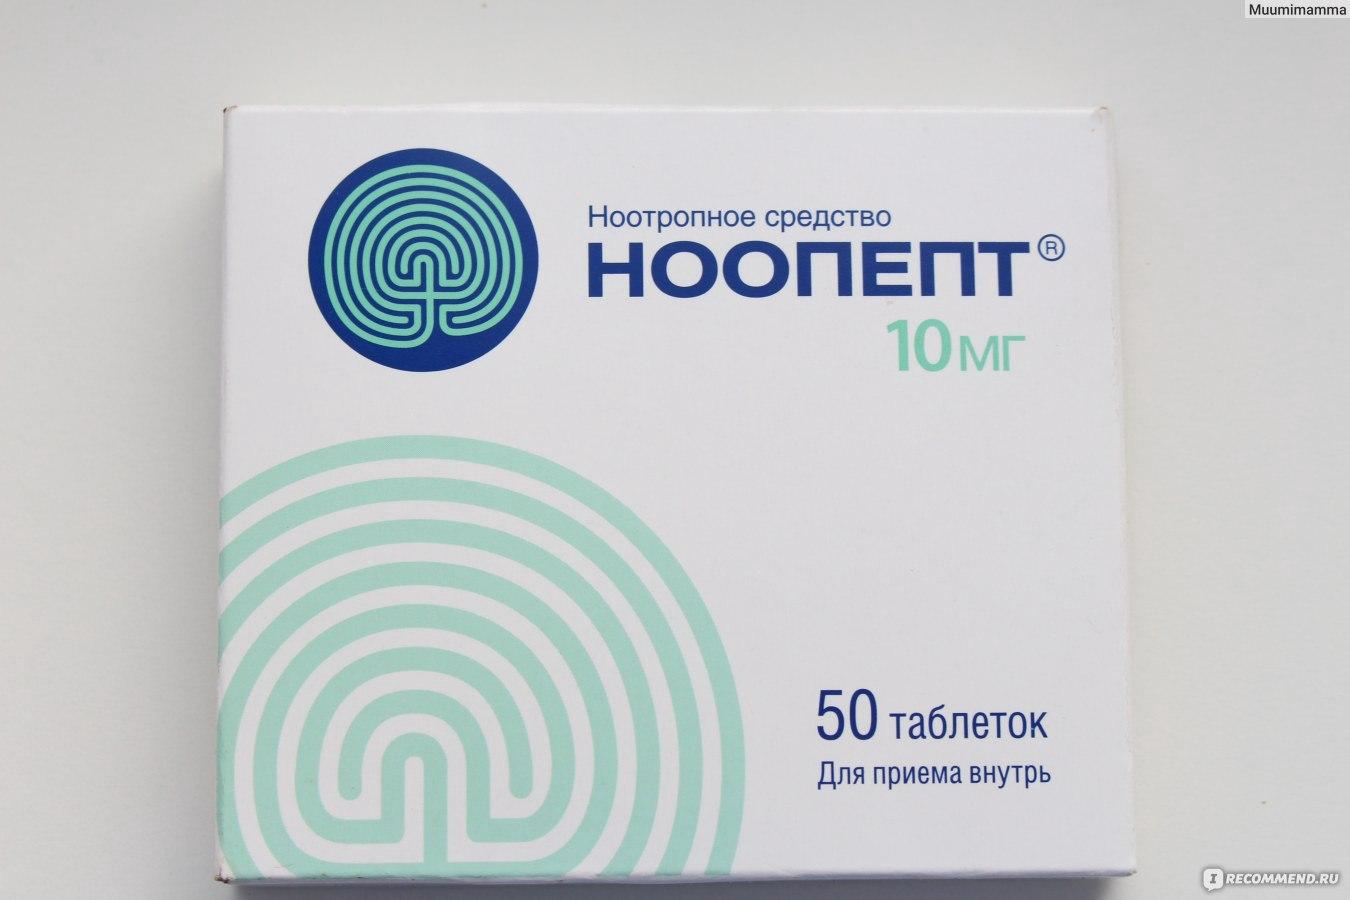 Таблетки 10 мг ноопепт: инструкция, цена и отзывы